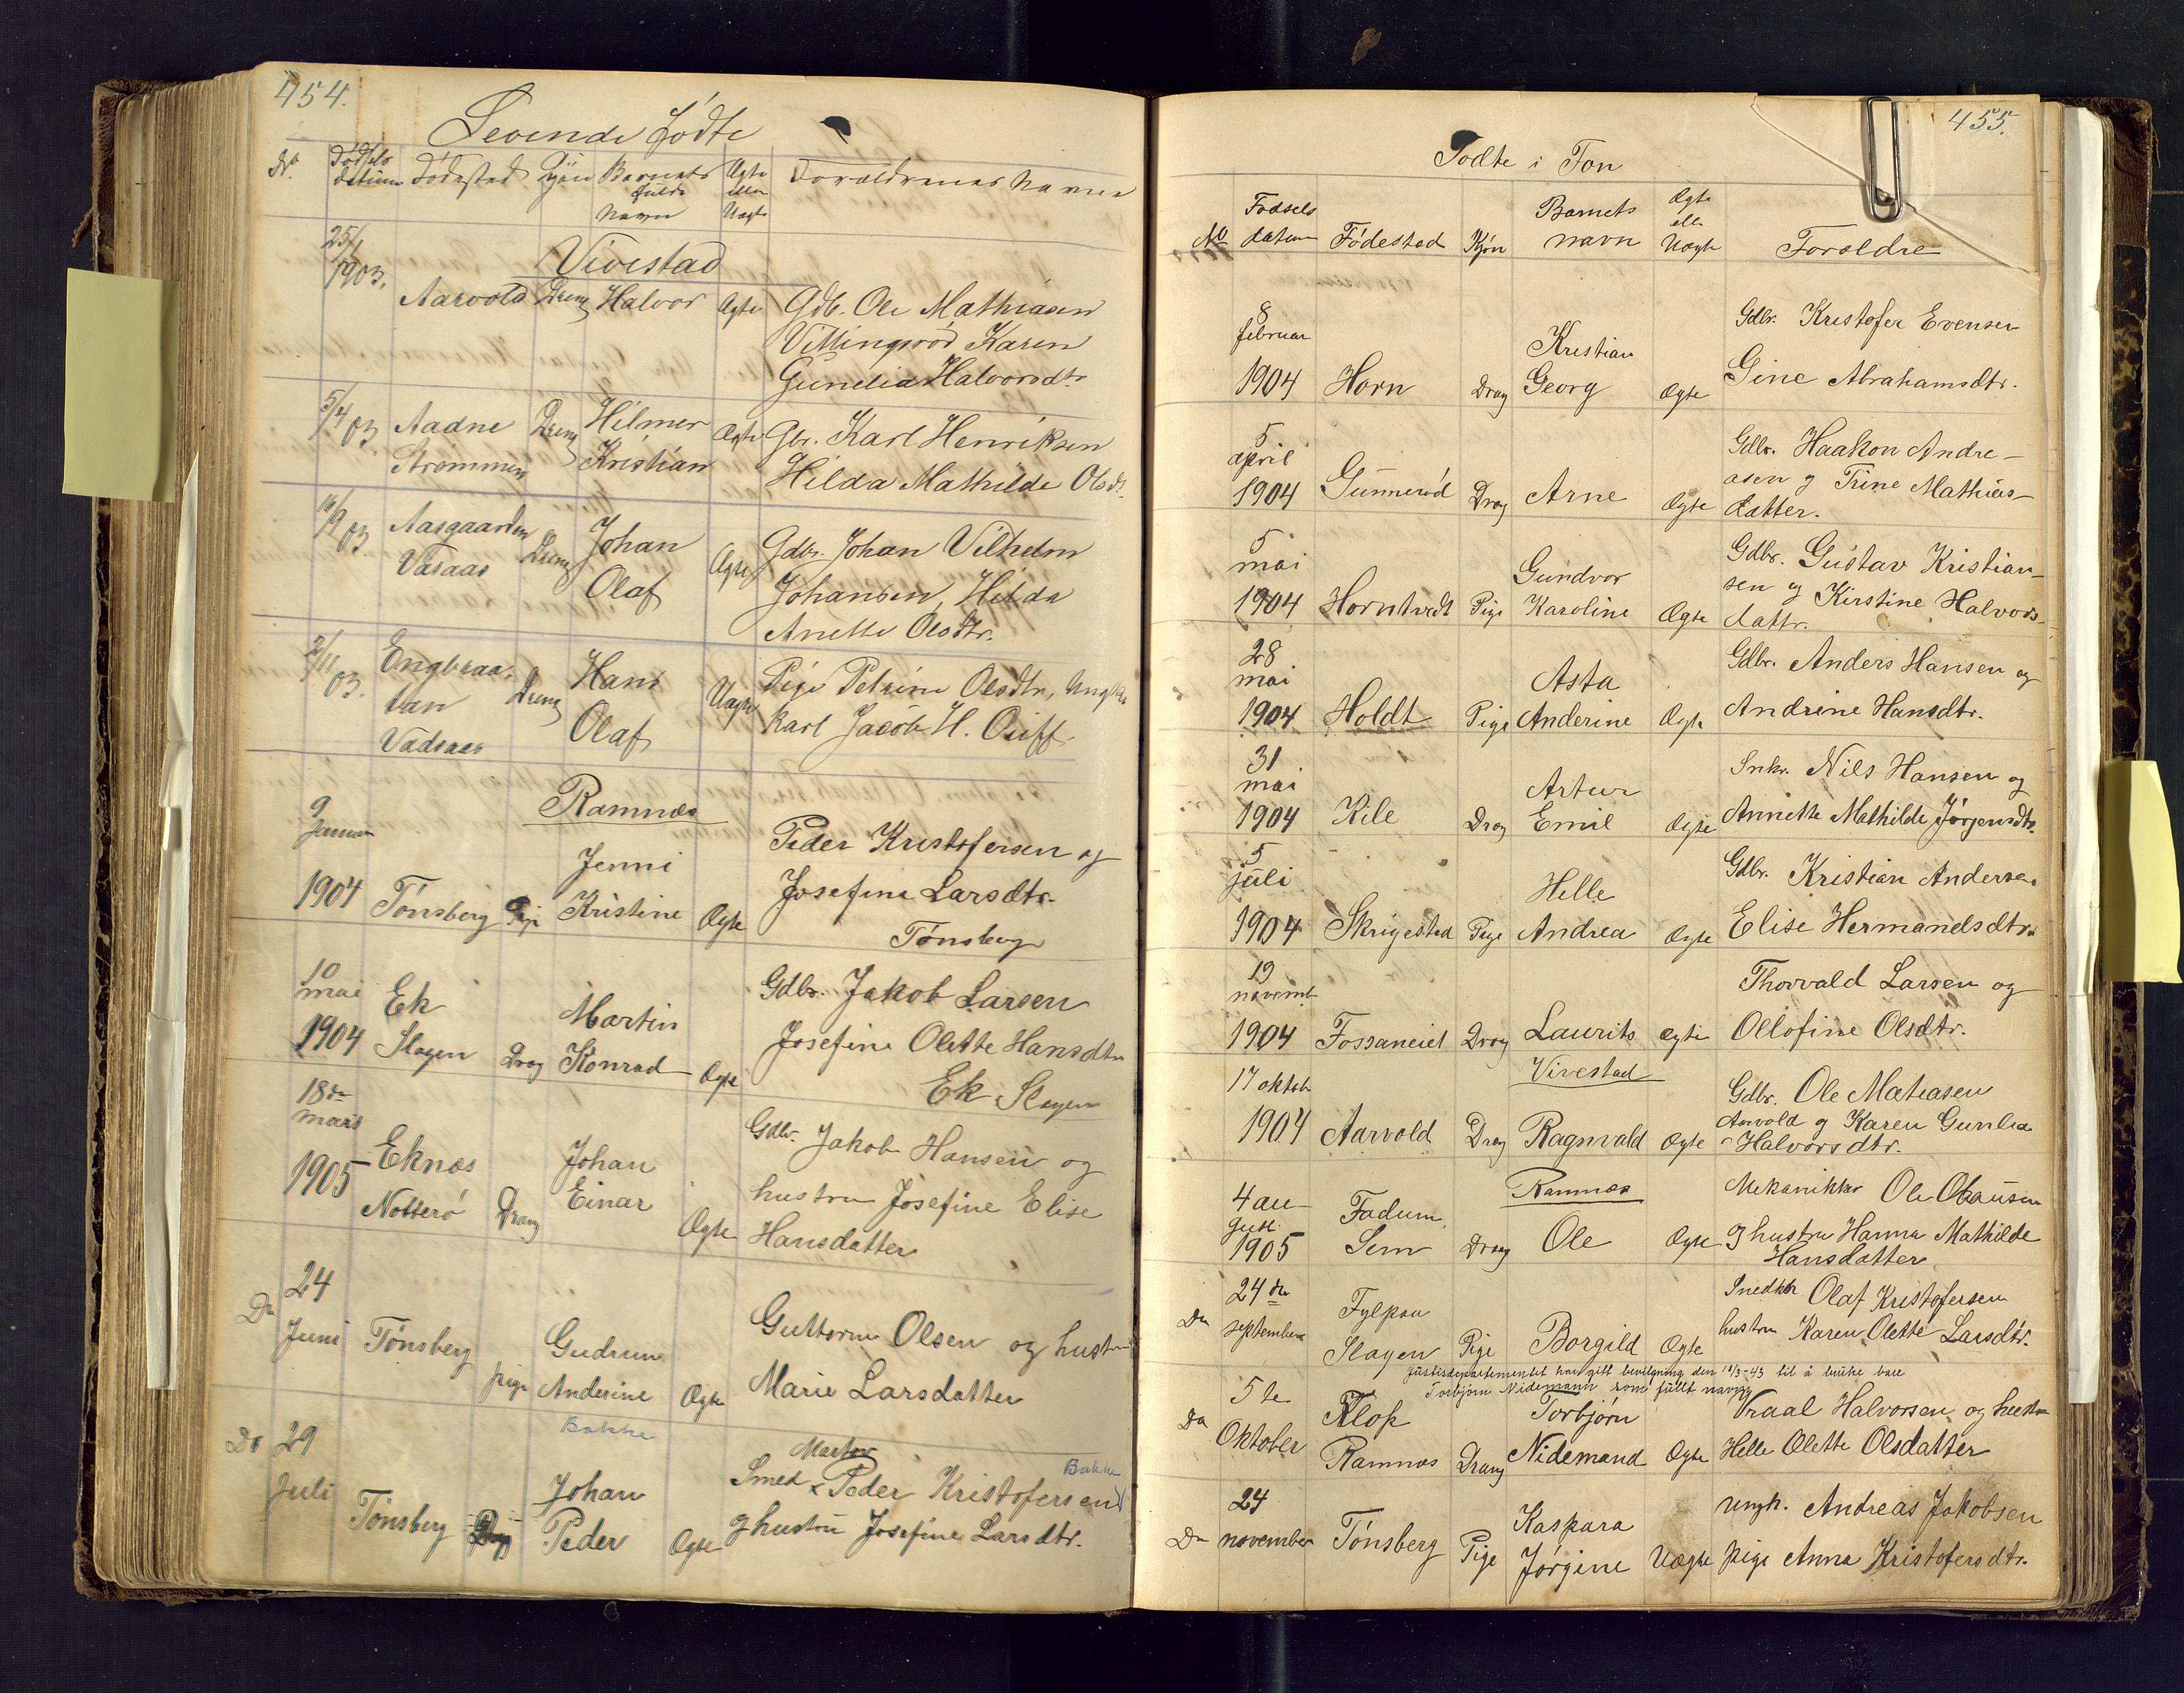 SAKO, Den evangelisk lutherske frimenighet i Jarlsbergs grevskap med flere steder, F/Fa/L0001: Dissenter register no. Fa/L0001, 1872-1925, p. 454-455